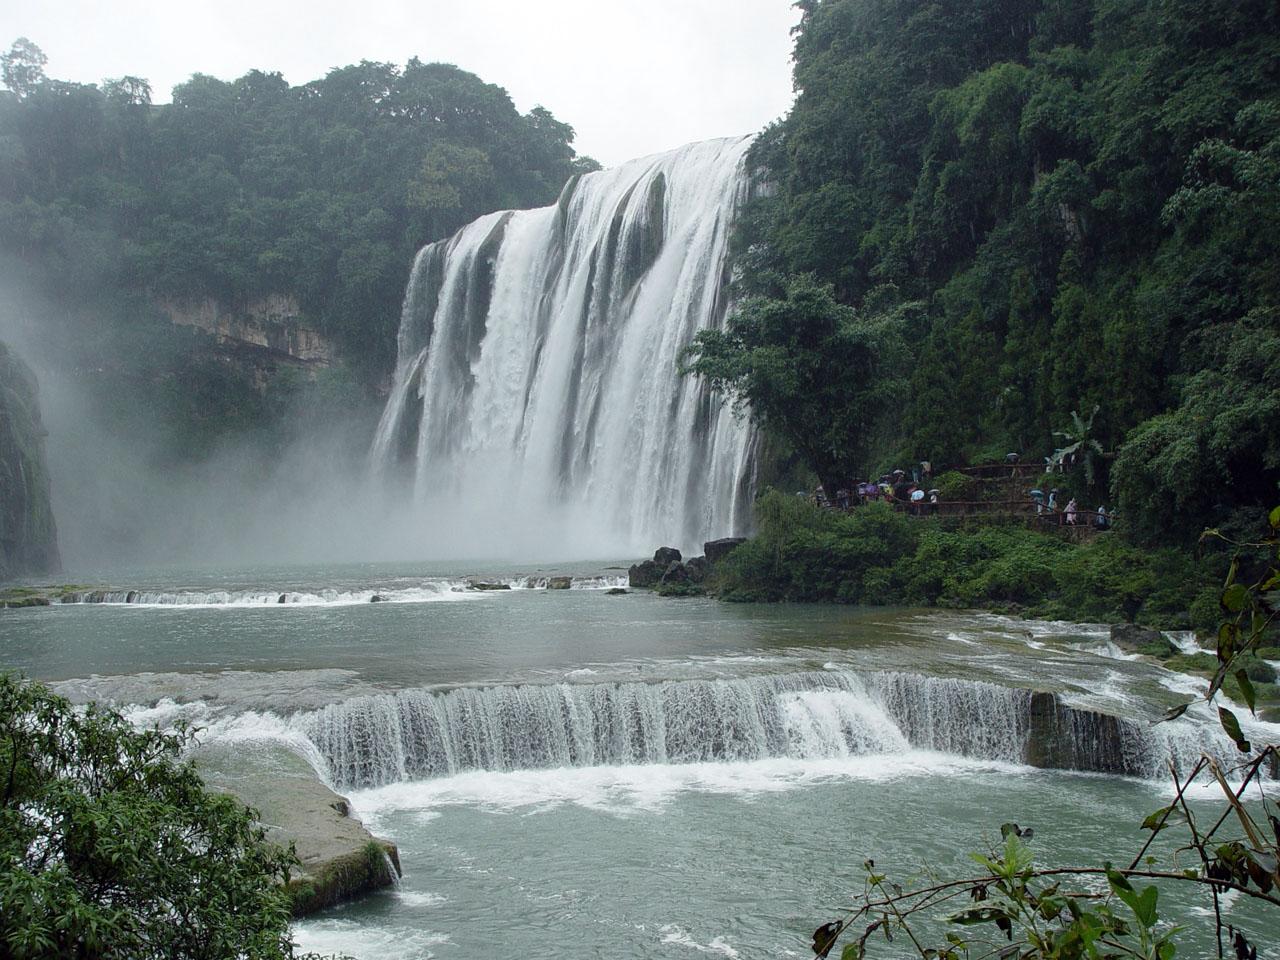 黄果树瀑布下,举行了由法国著名钢琴家理查德b克莱德曼演奏上高清图片